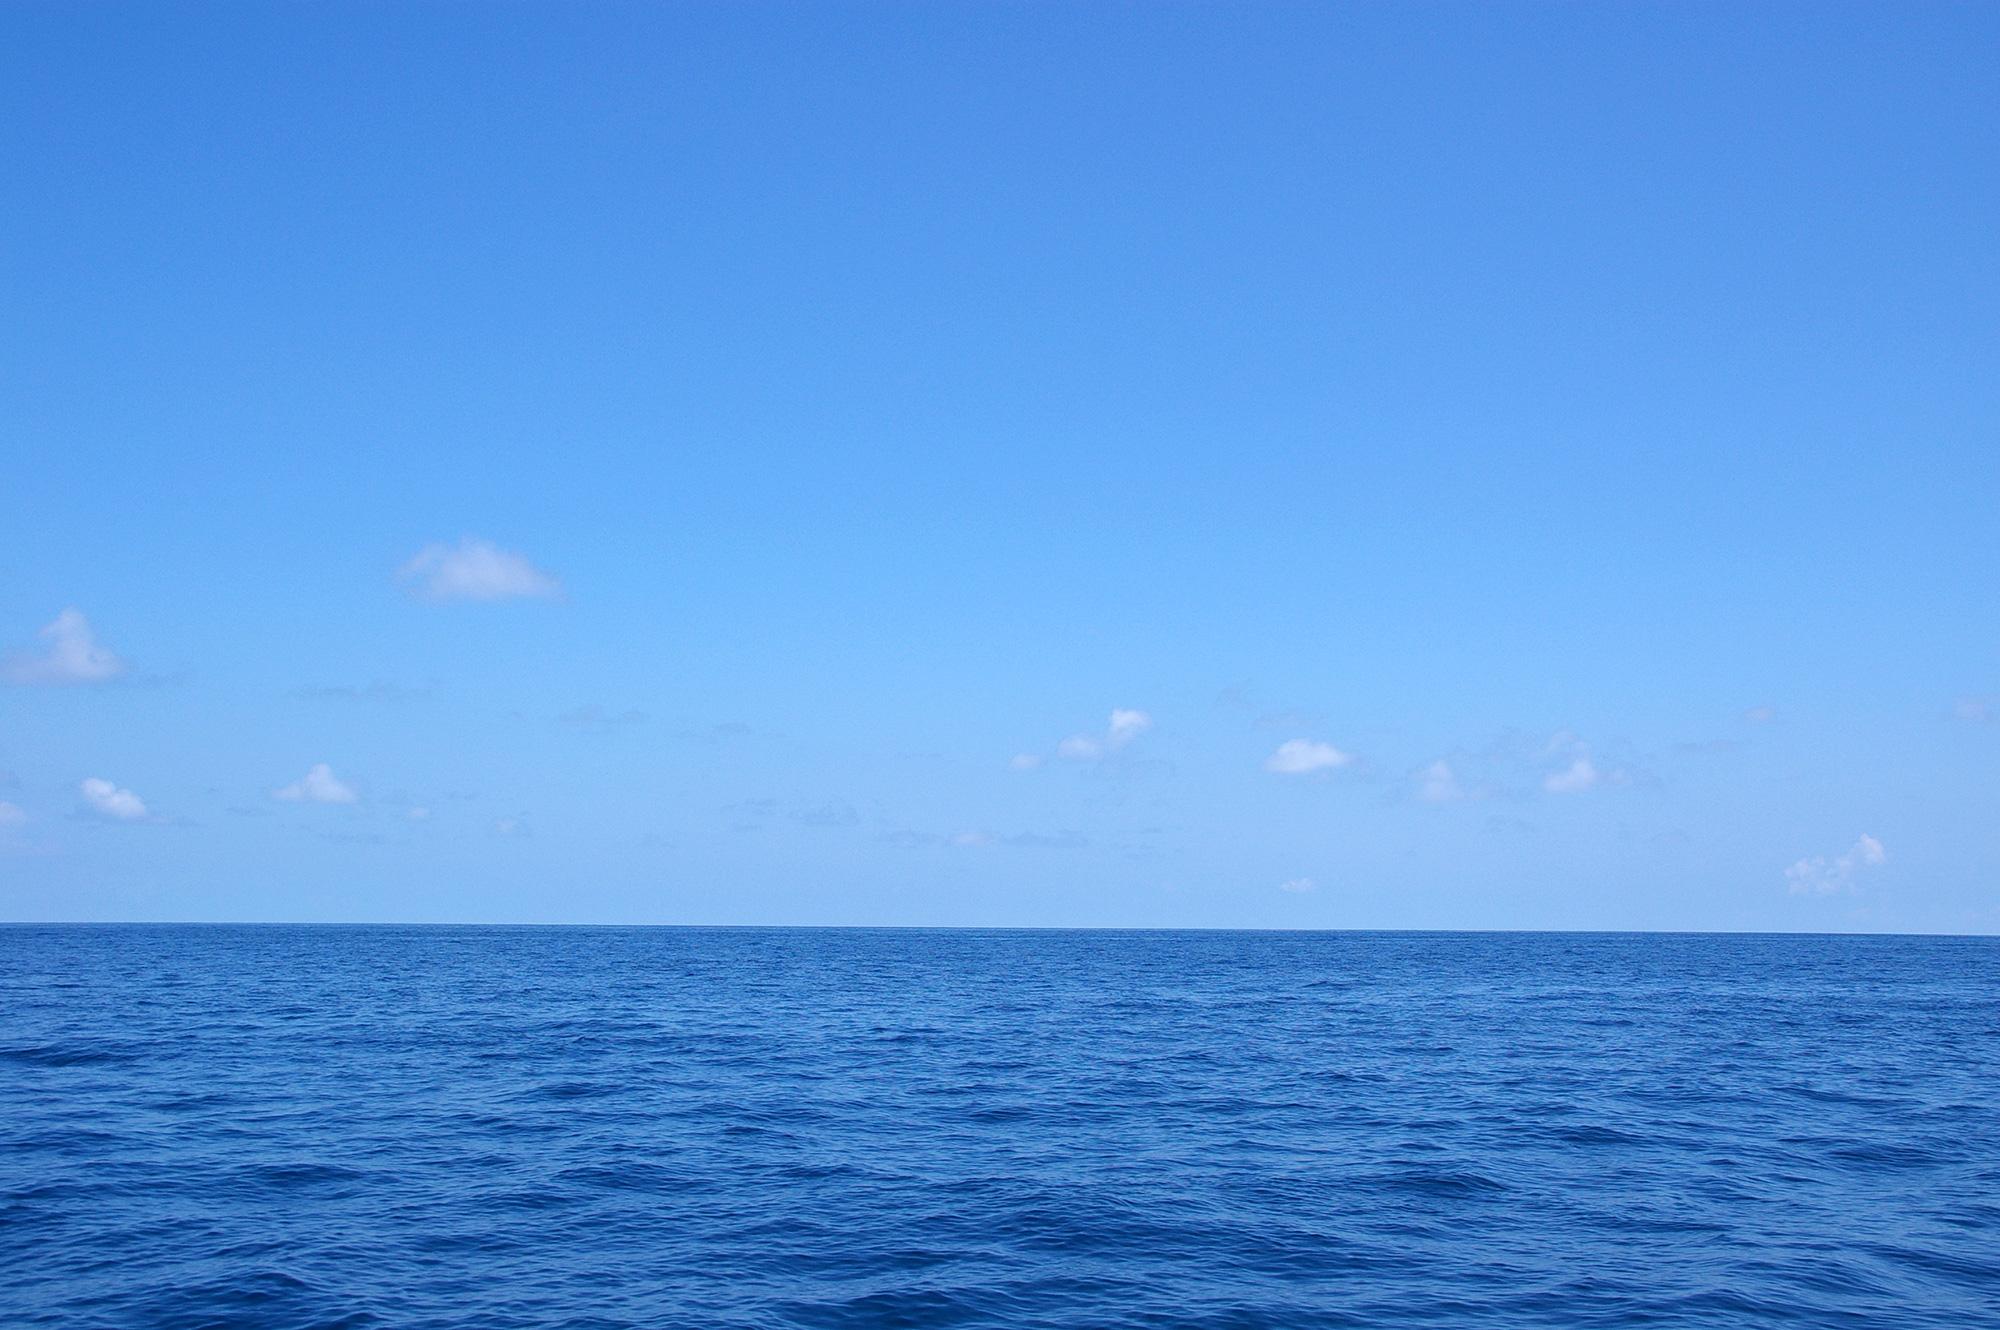 水平線と青い空のフリー写真素材